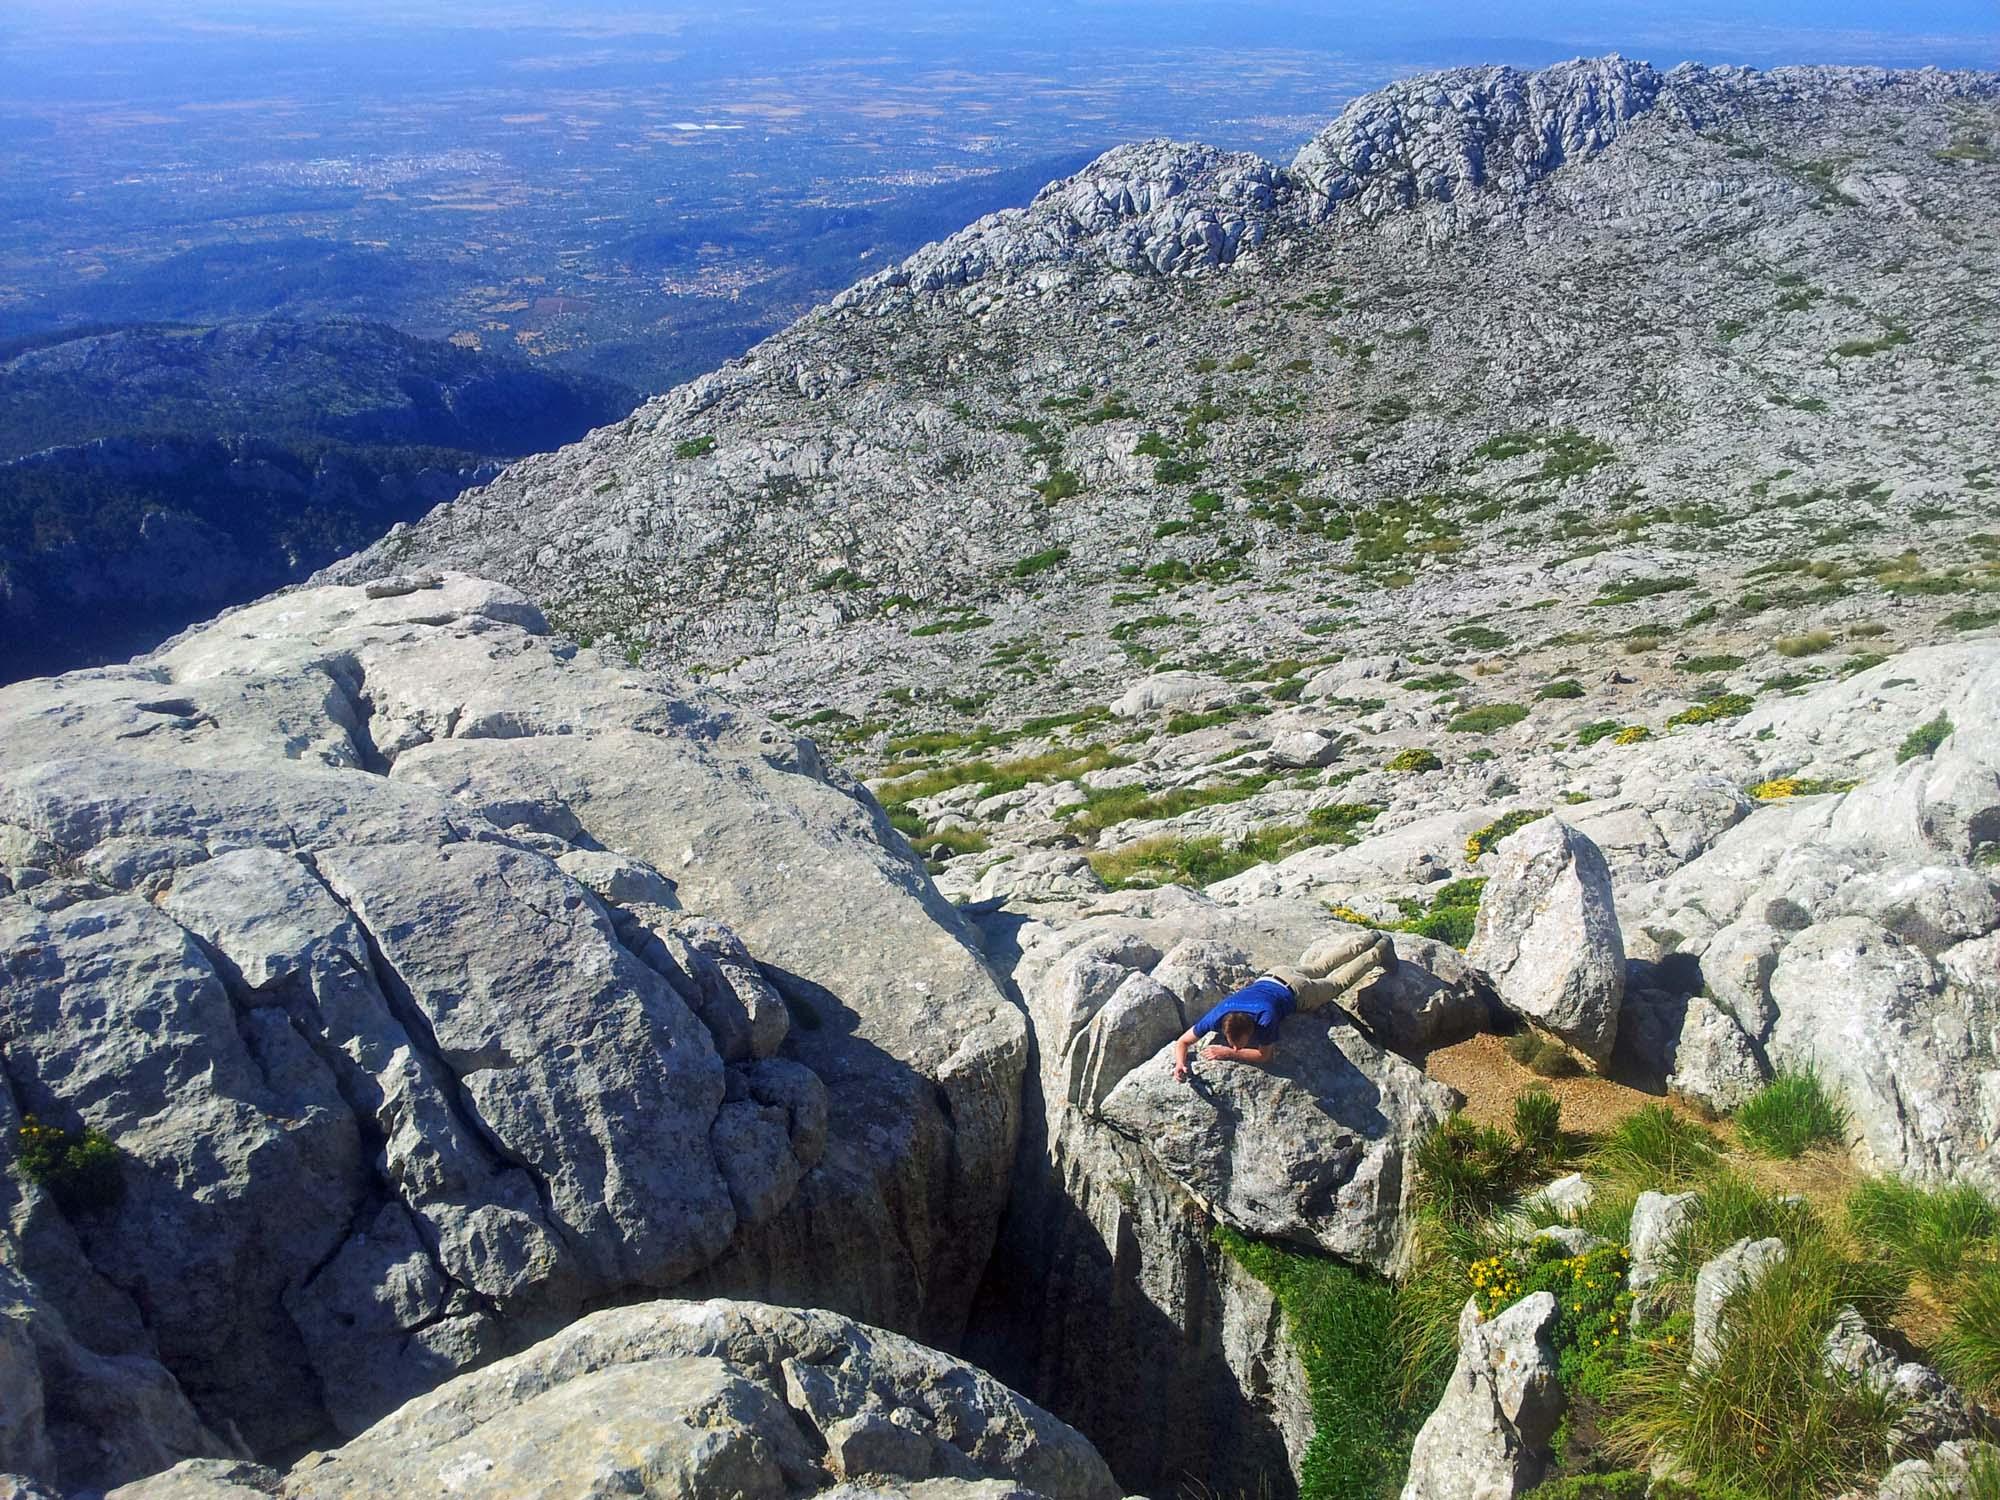 Unweit des Gipfels befindet sich ein circa 25 Meter tiefer Karstschacht, der nicht abgesichert ist. Hier sollte man große Vorsicht walten lassen!